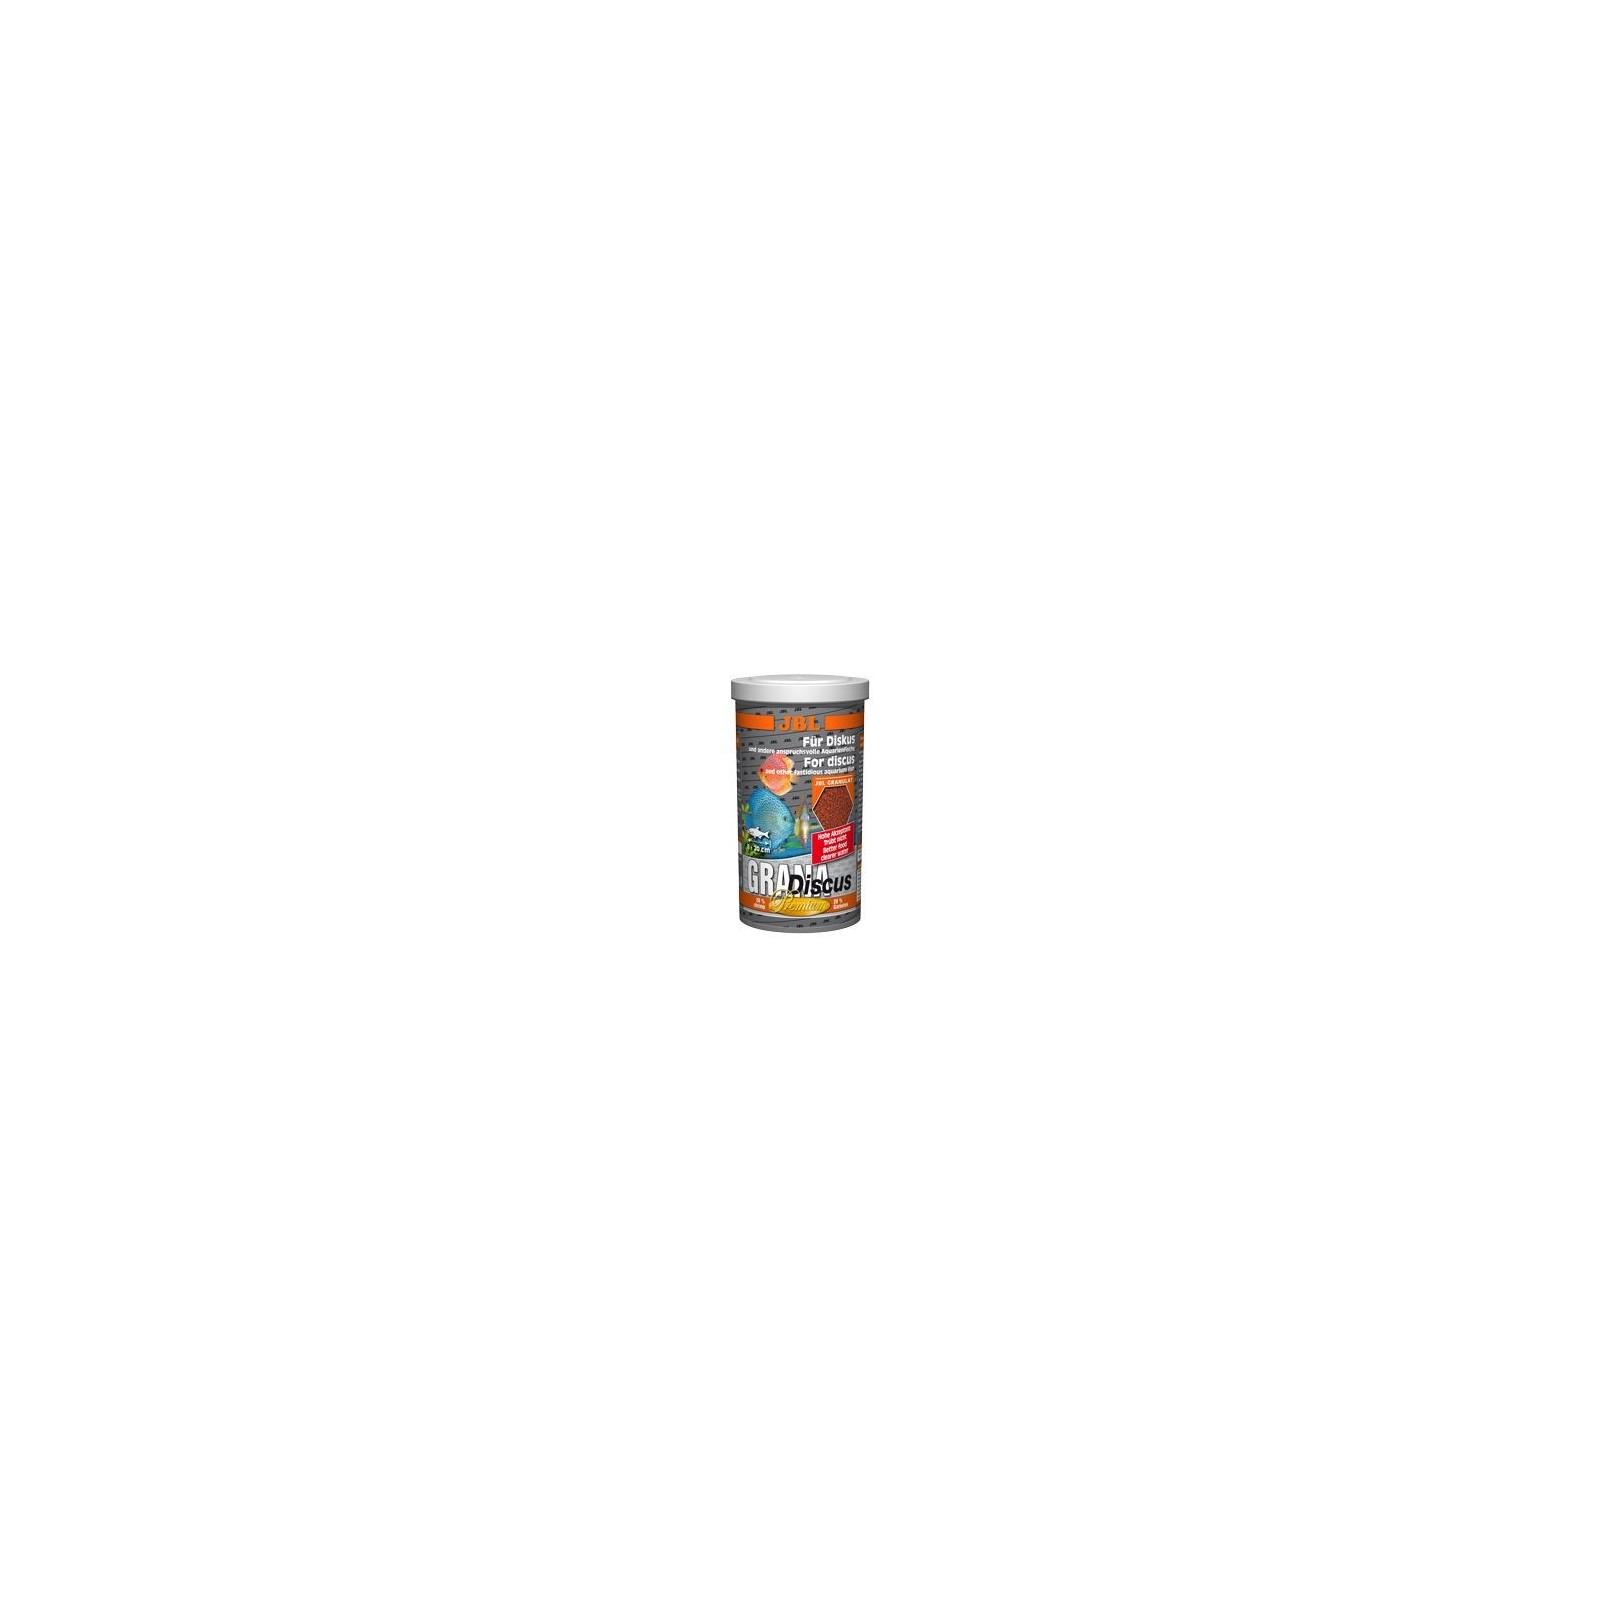 JBL Grana Discus 1000 ml mangime galleggiante per pesci discus